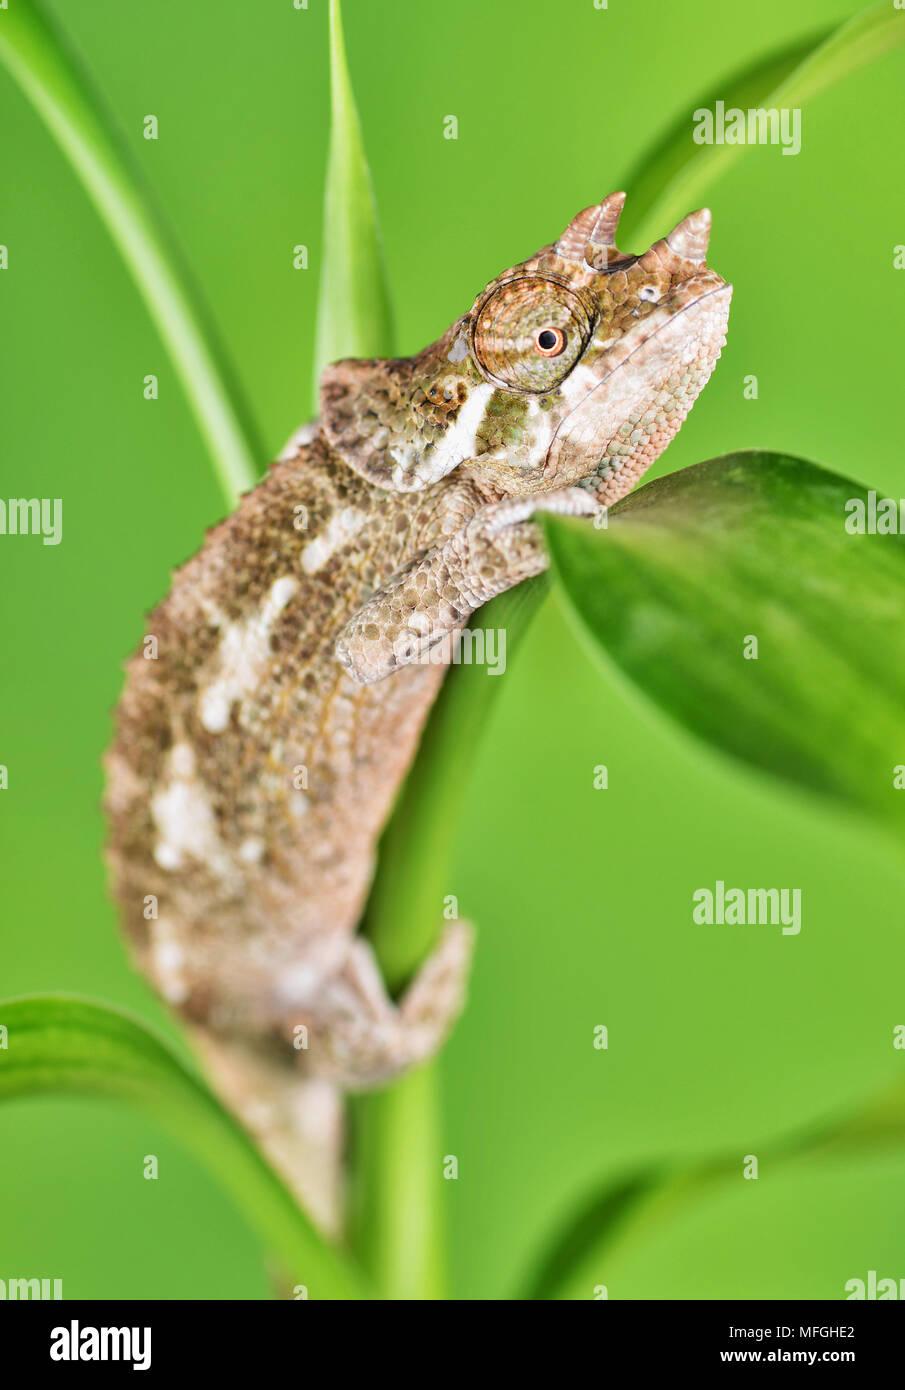 Horned Chameleon on plant - Stock Image